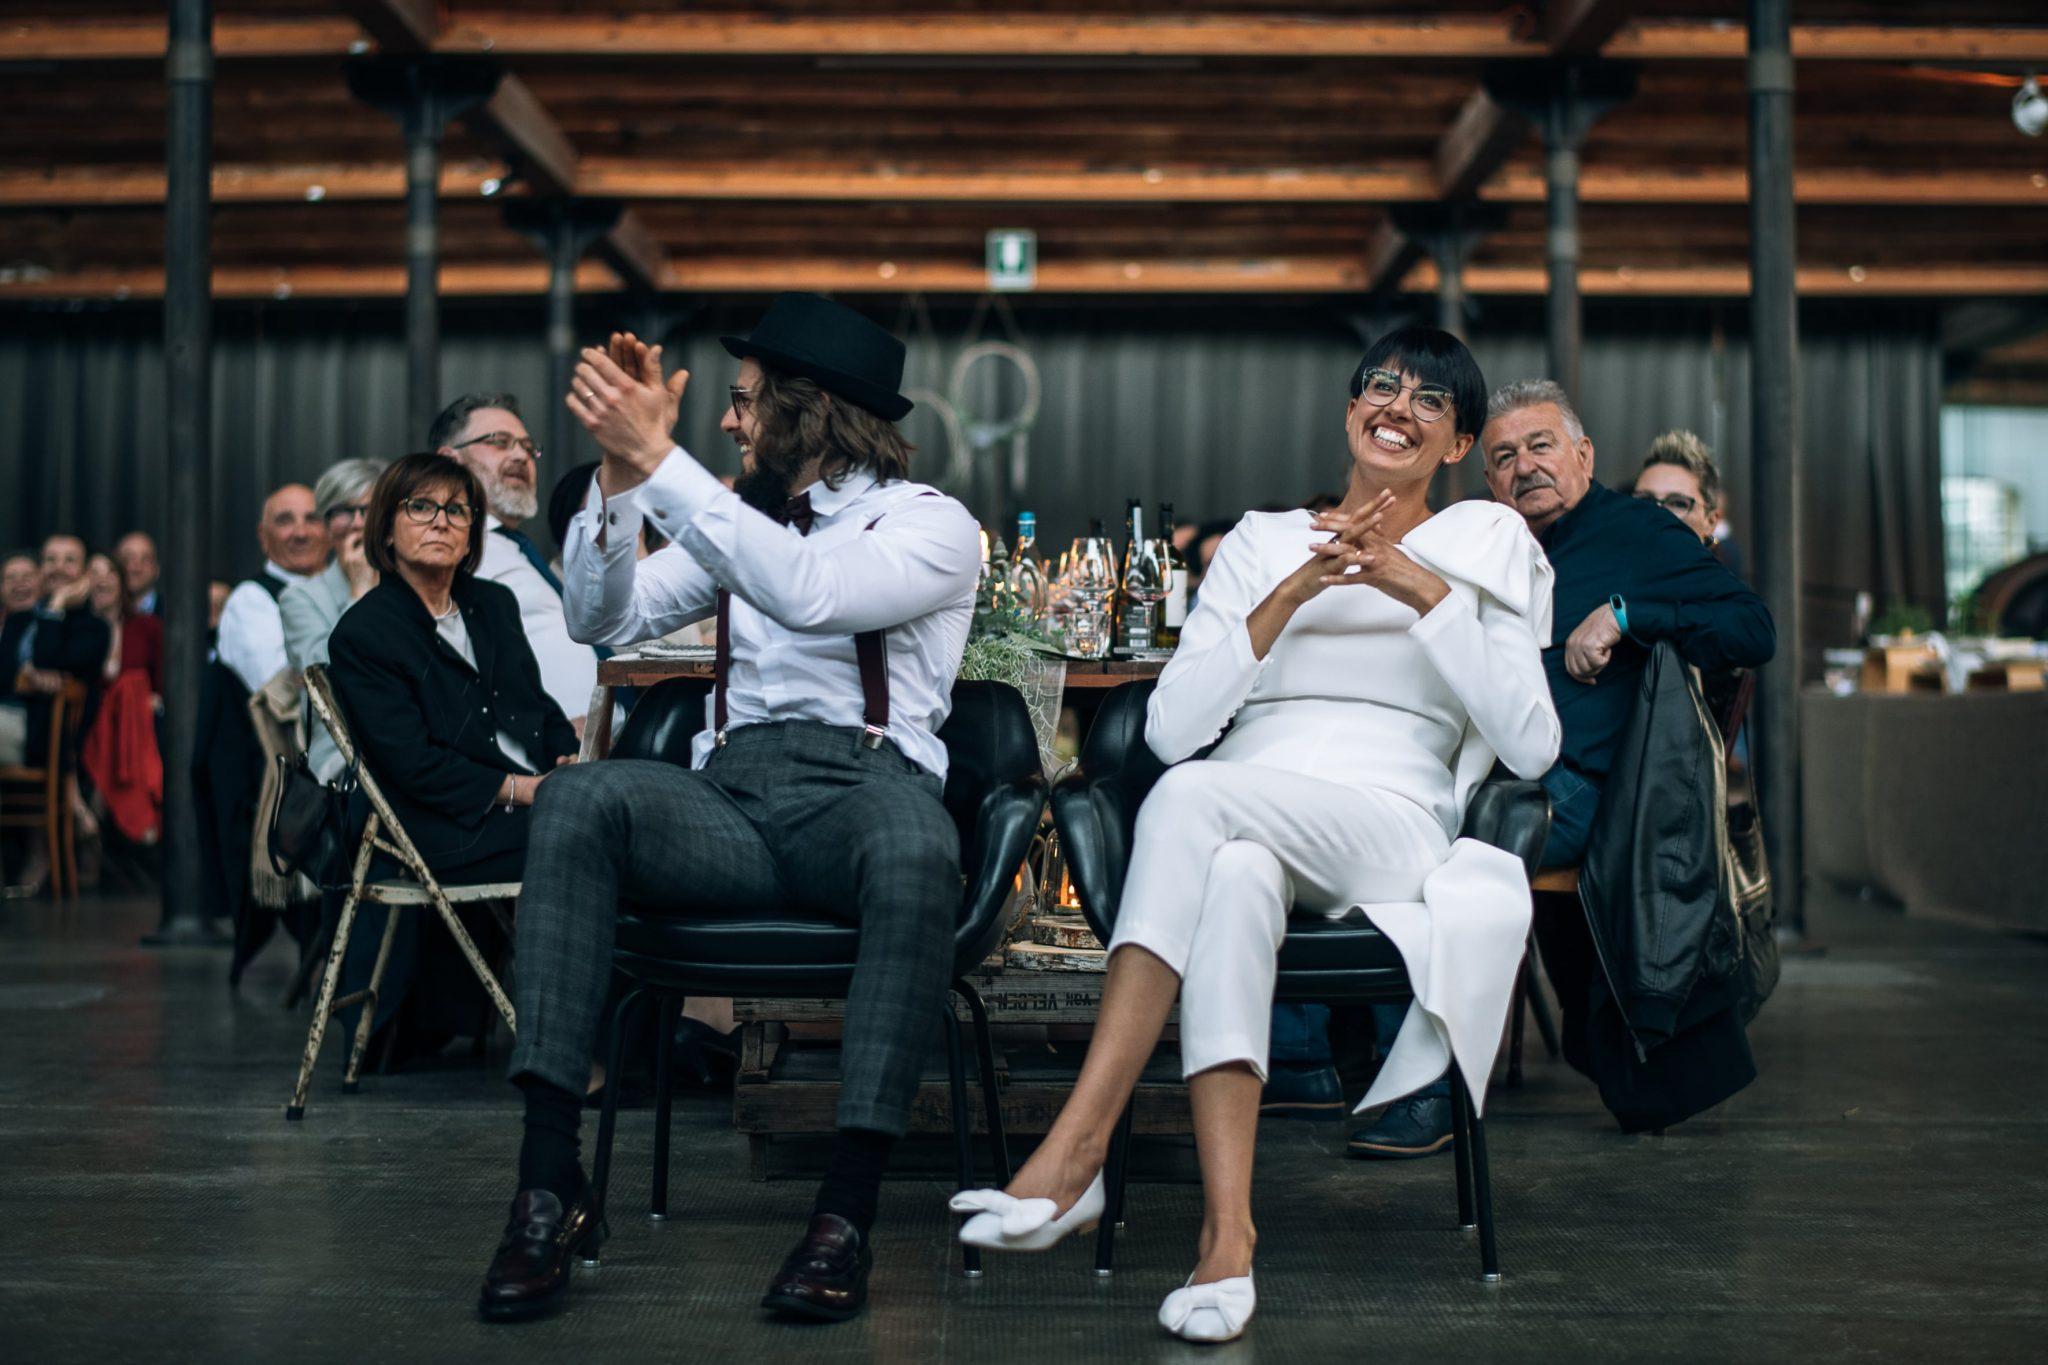 gli sposi ridono e applaudono mentre guardano i filmati con gli invitati